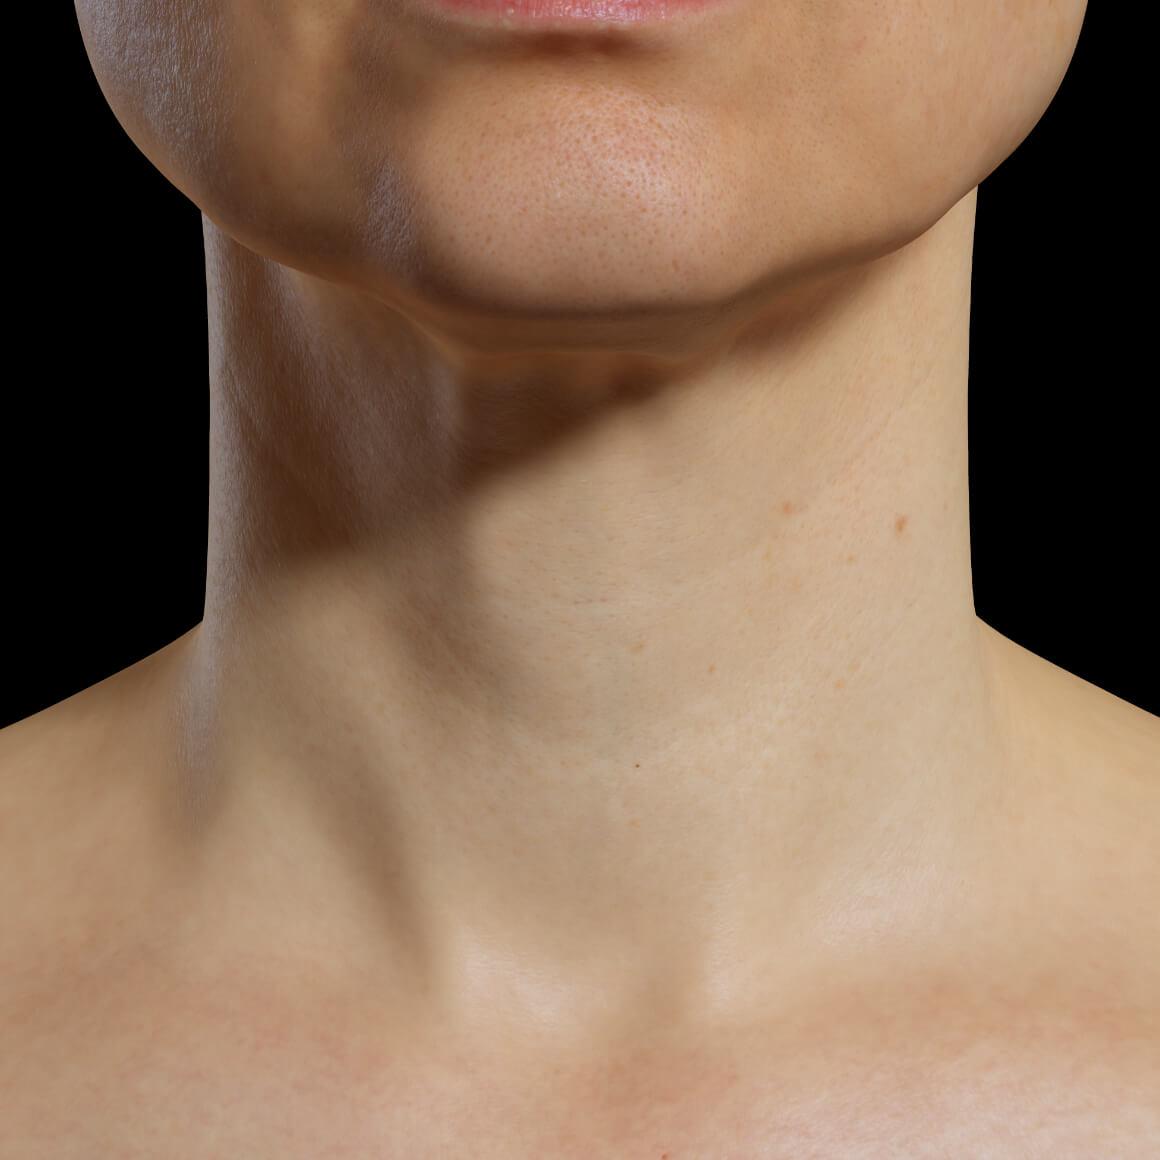 Une patiente de la Clinique Chloé de face après des traitements de mésothérapie pour le rajeunissement de l'apparence du cou